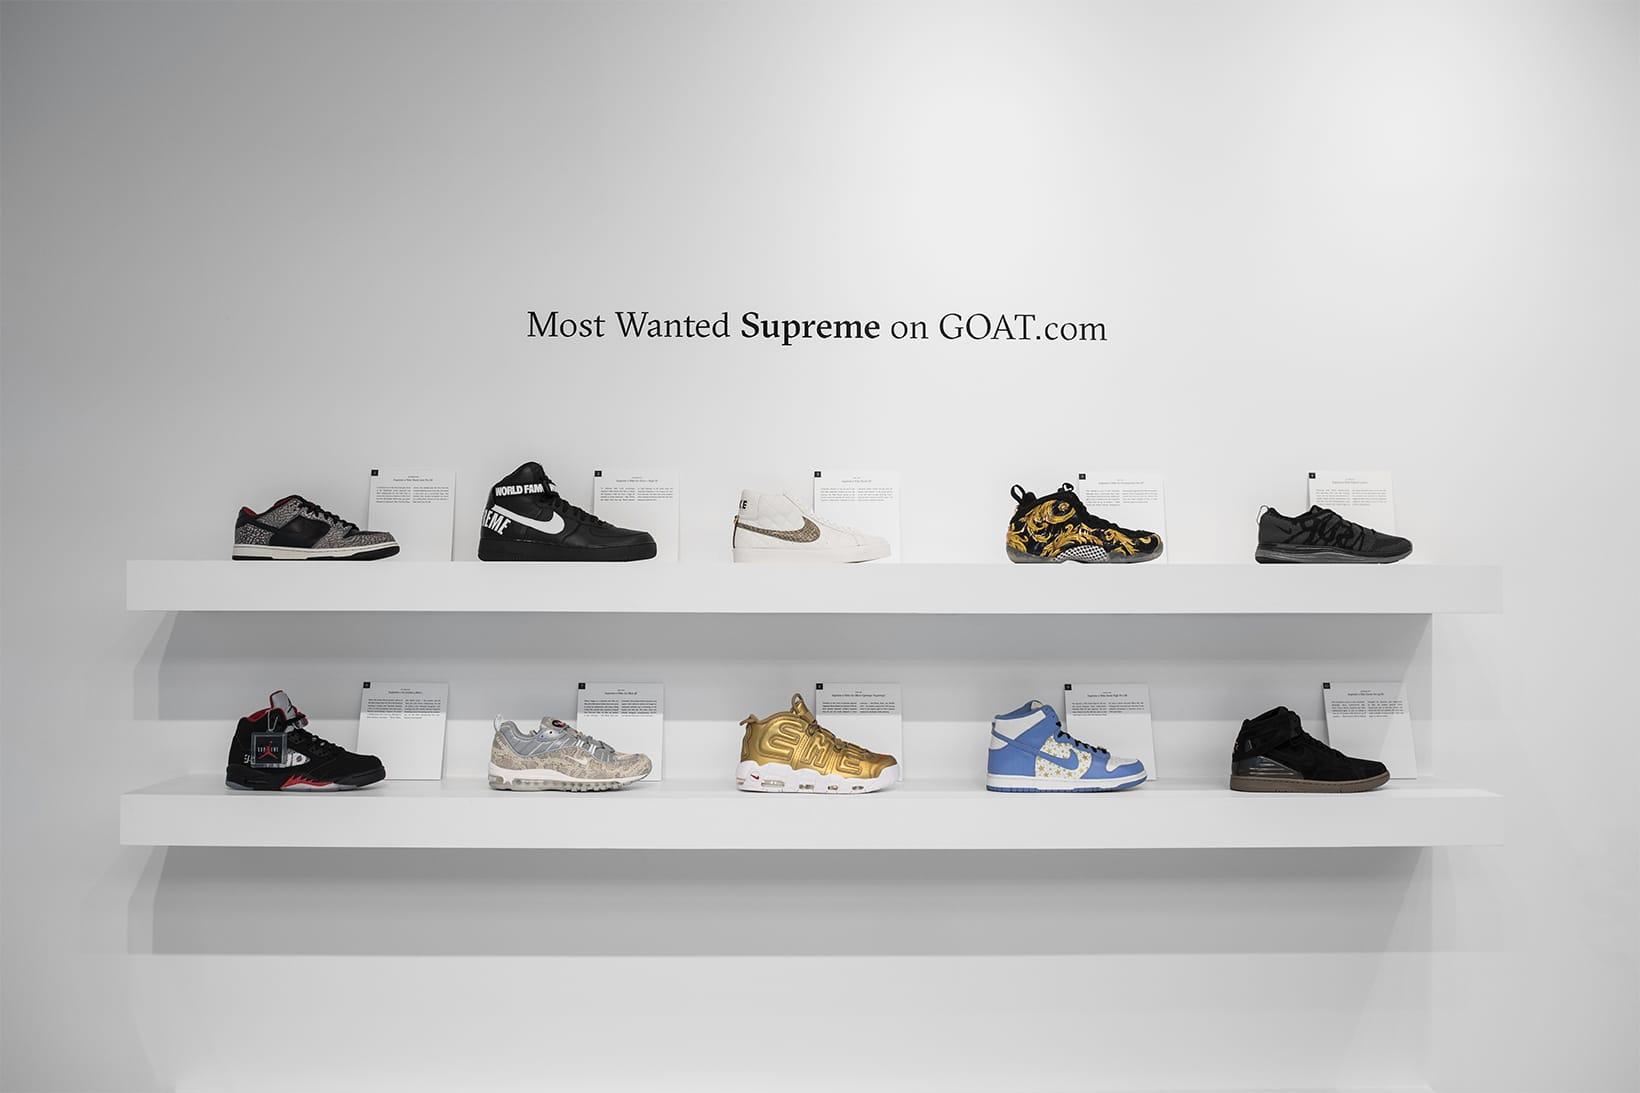 New York-Themed Sneaker Exhibit Pop-Up